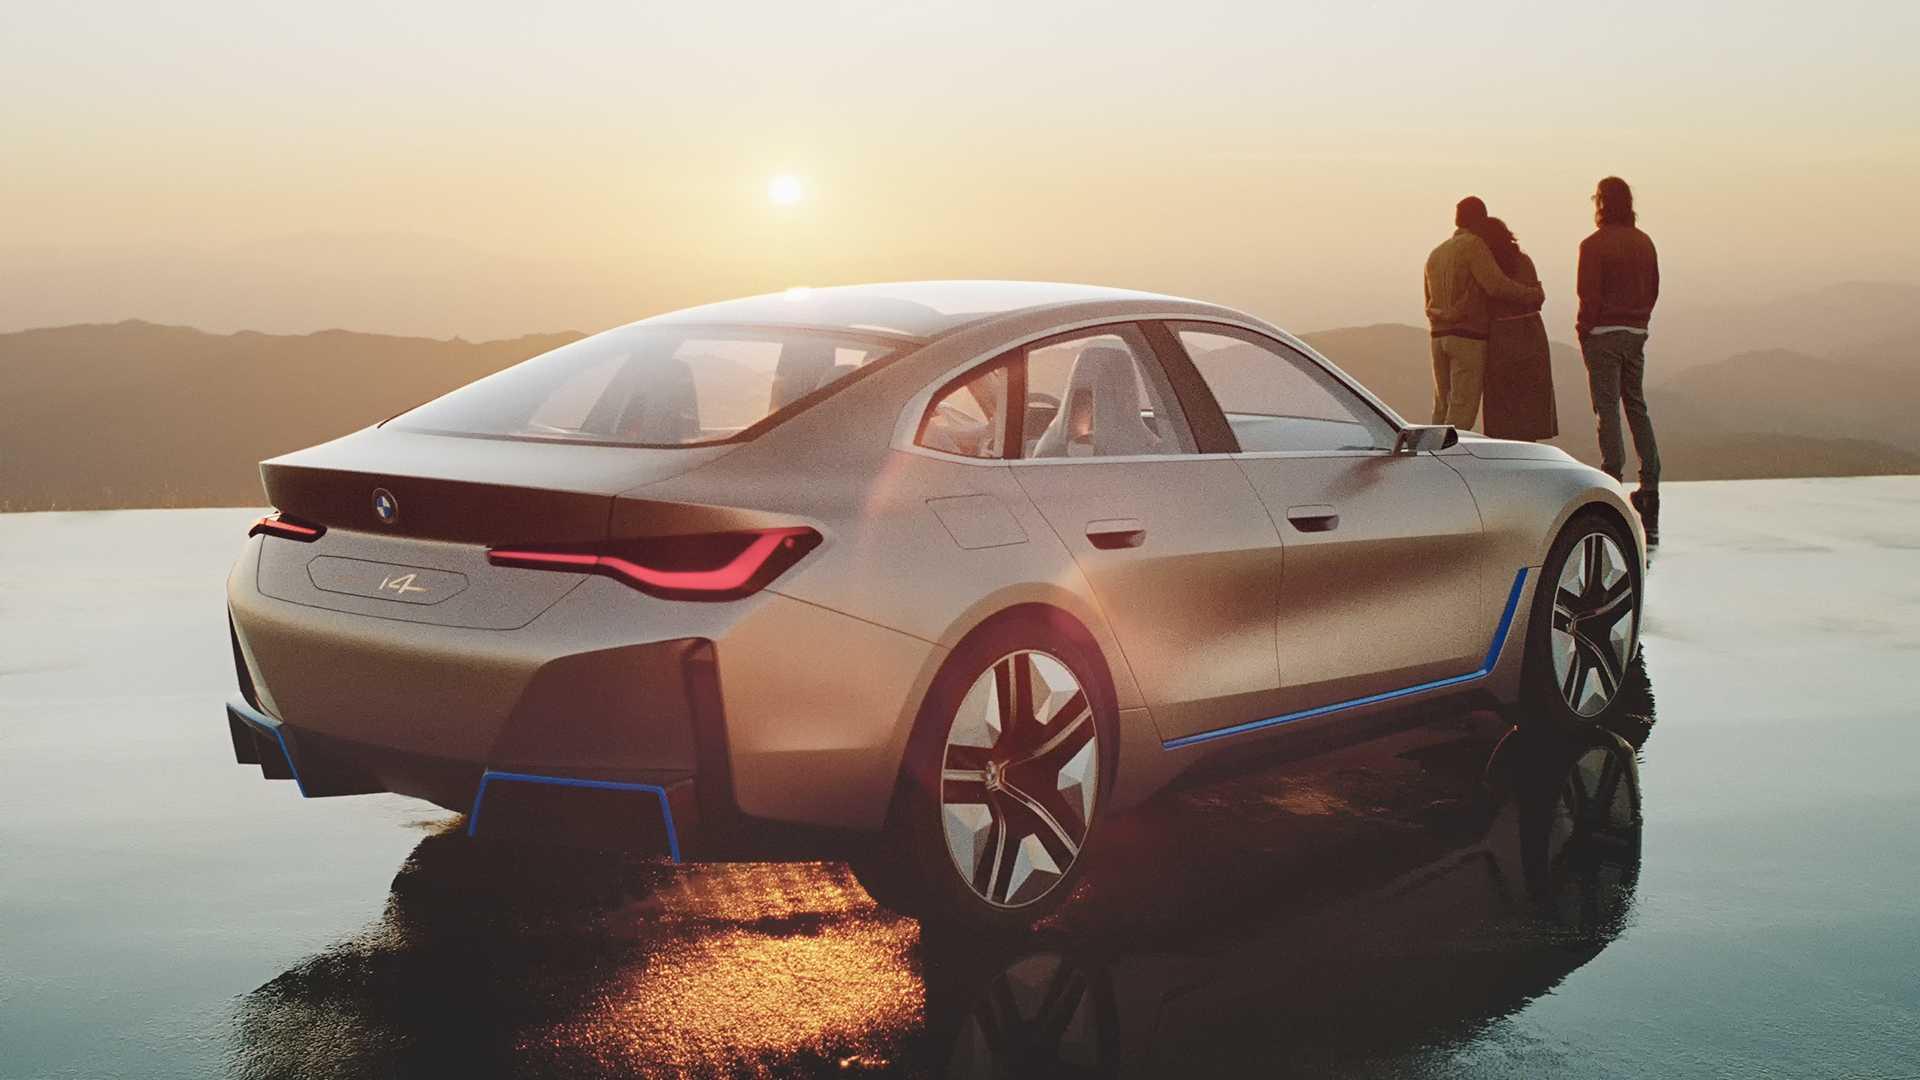 Bmw I4 Concept Ev Debuts Big Grille Bigger Power 270 Mile Range